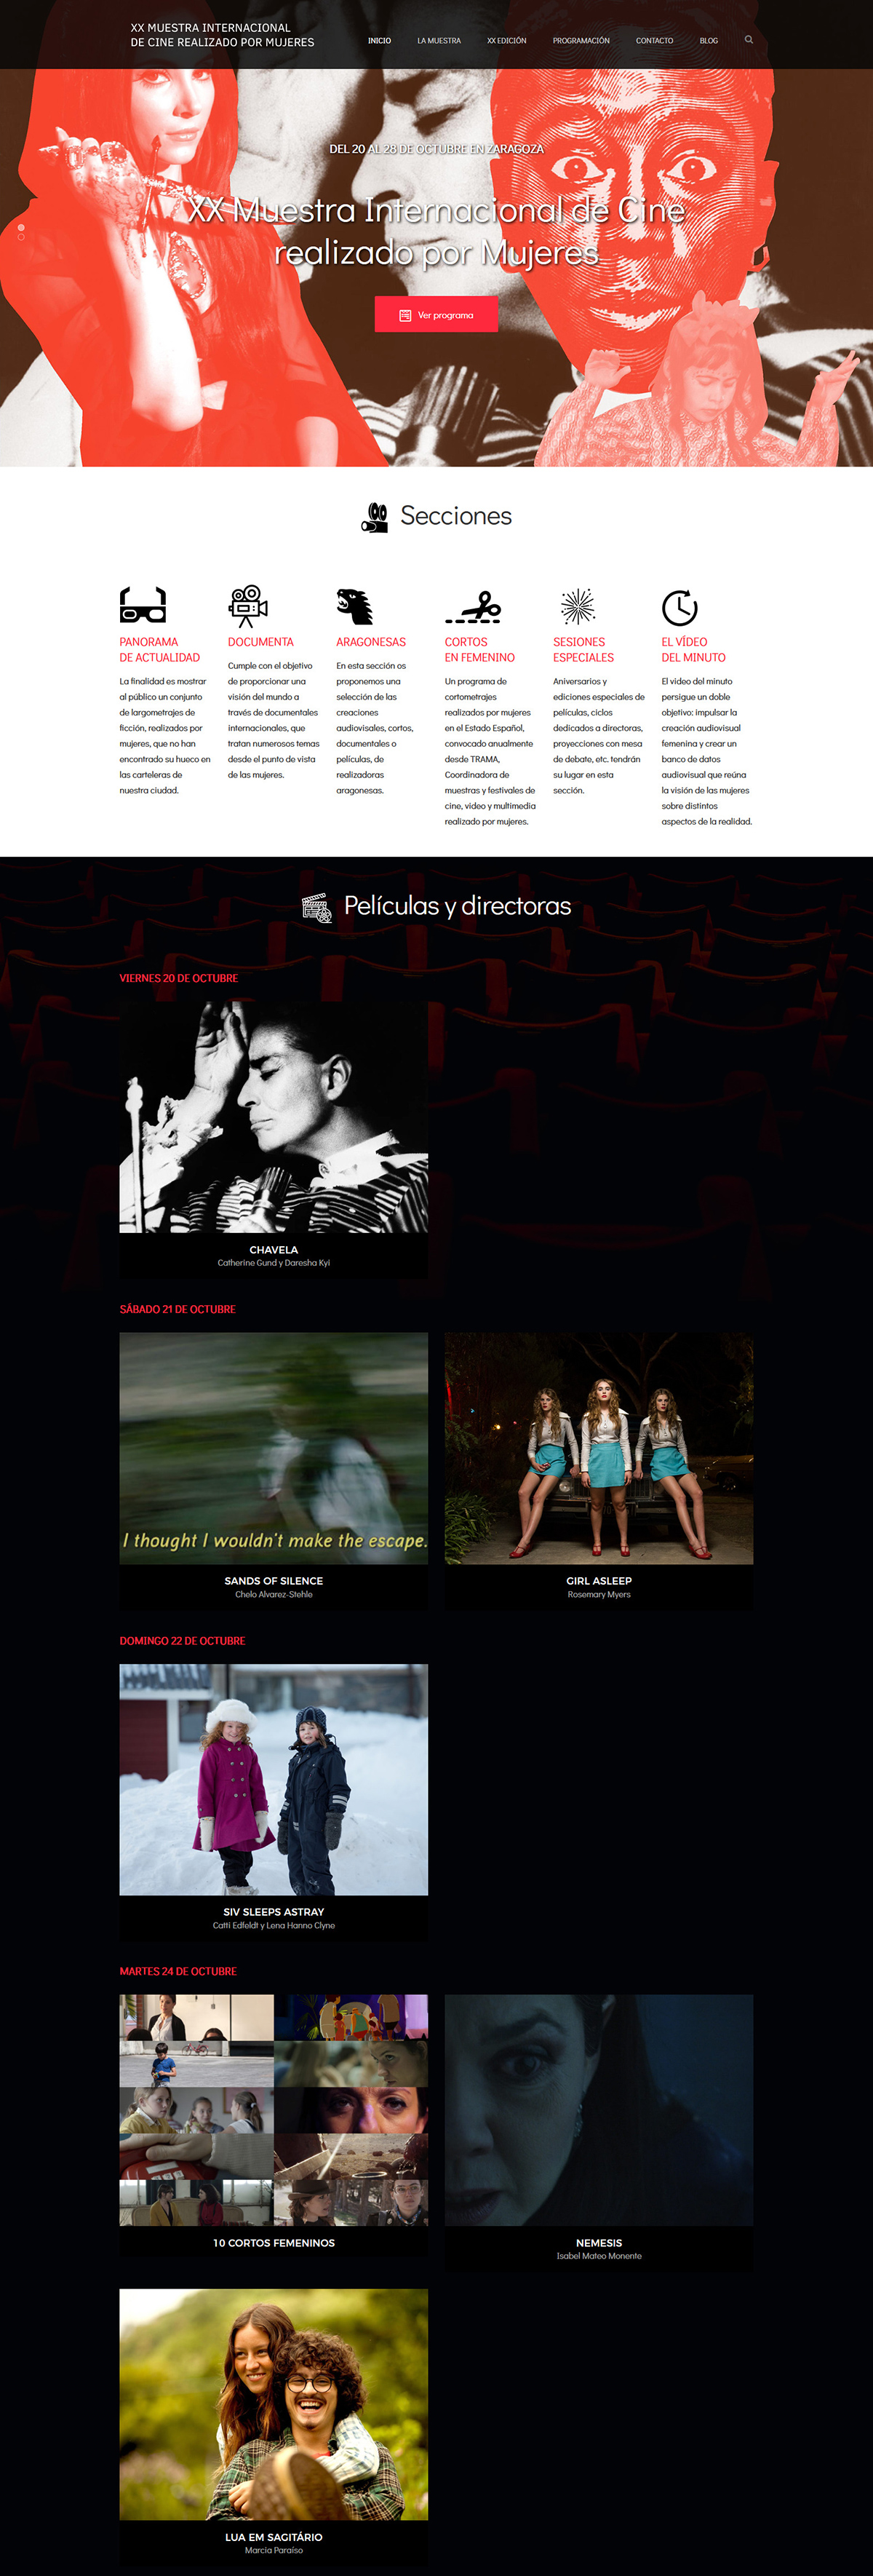 Muestra Internacional de Cine Mujeres de Zaragoza